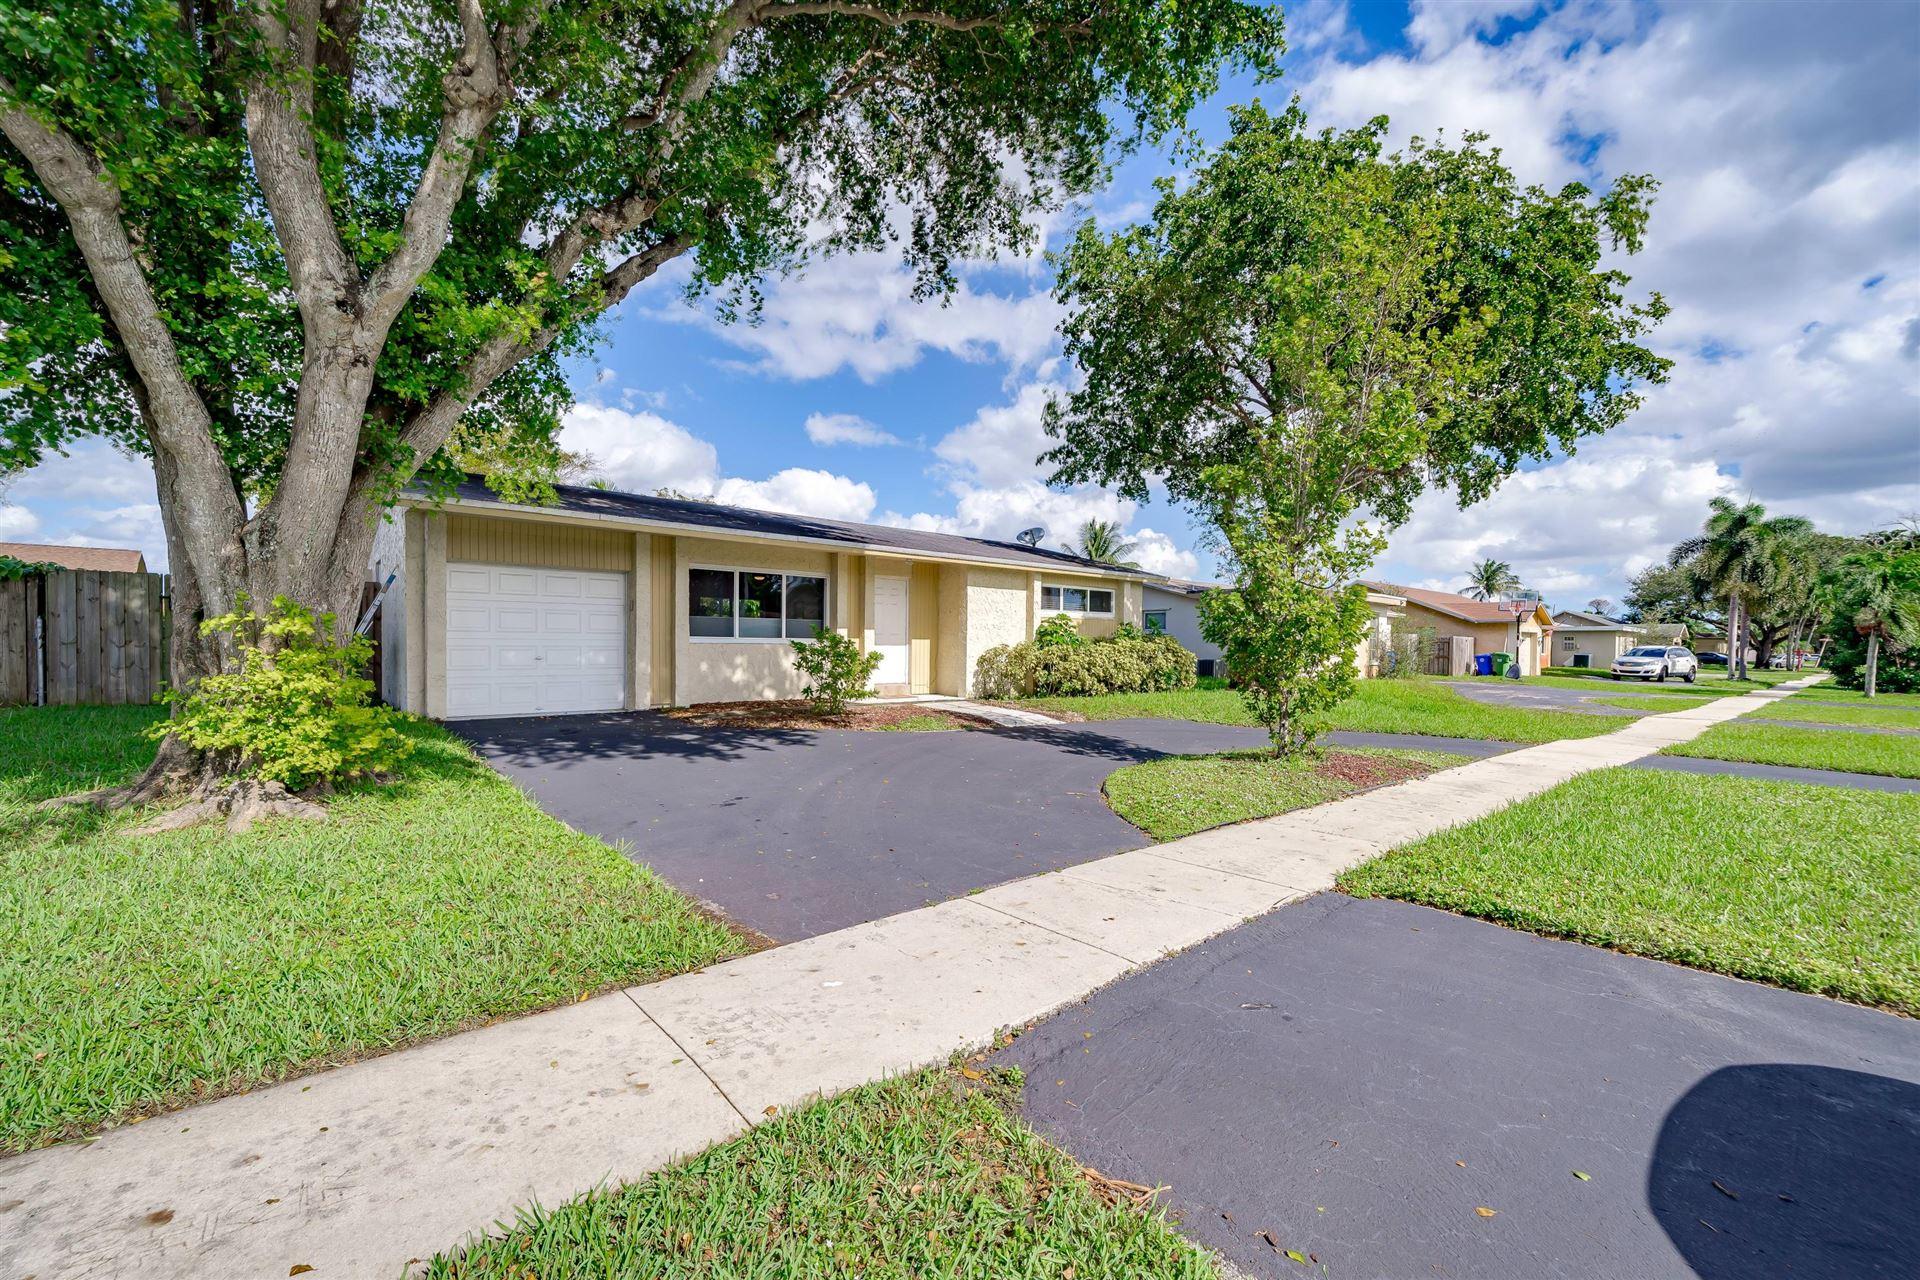 9601 Johnson Street, Pembroke Pines, FL 33024 - #: RX-10674412